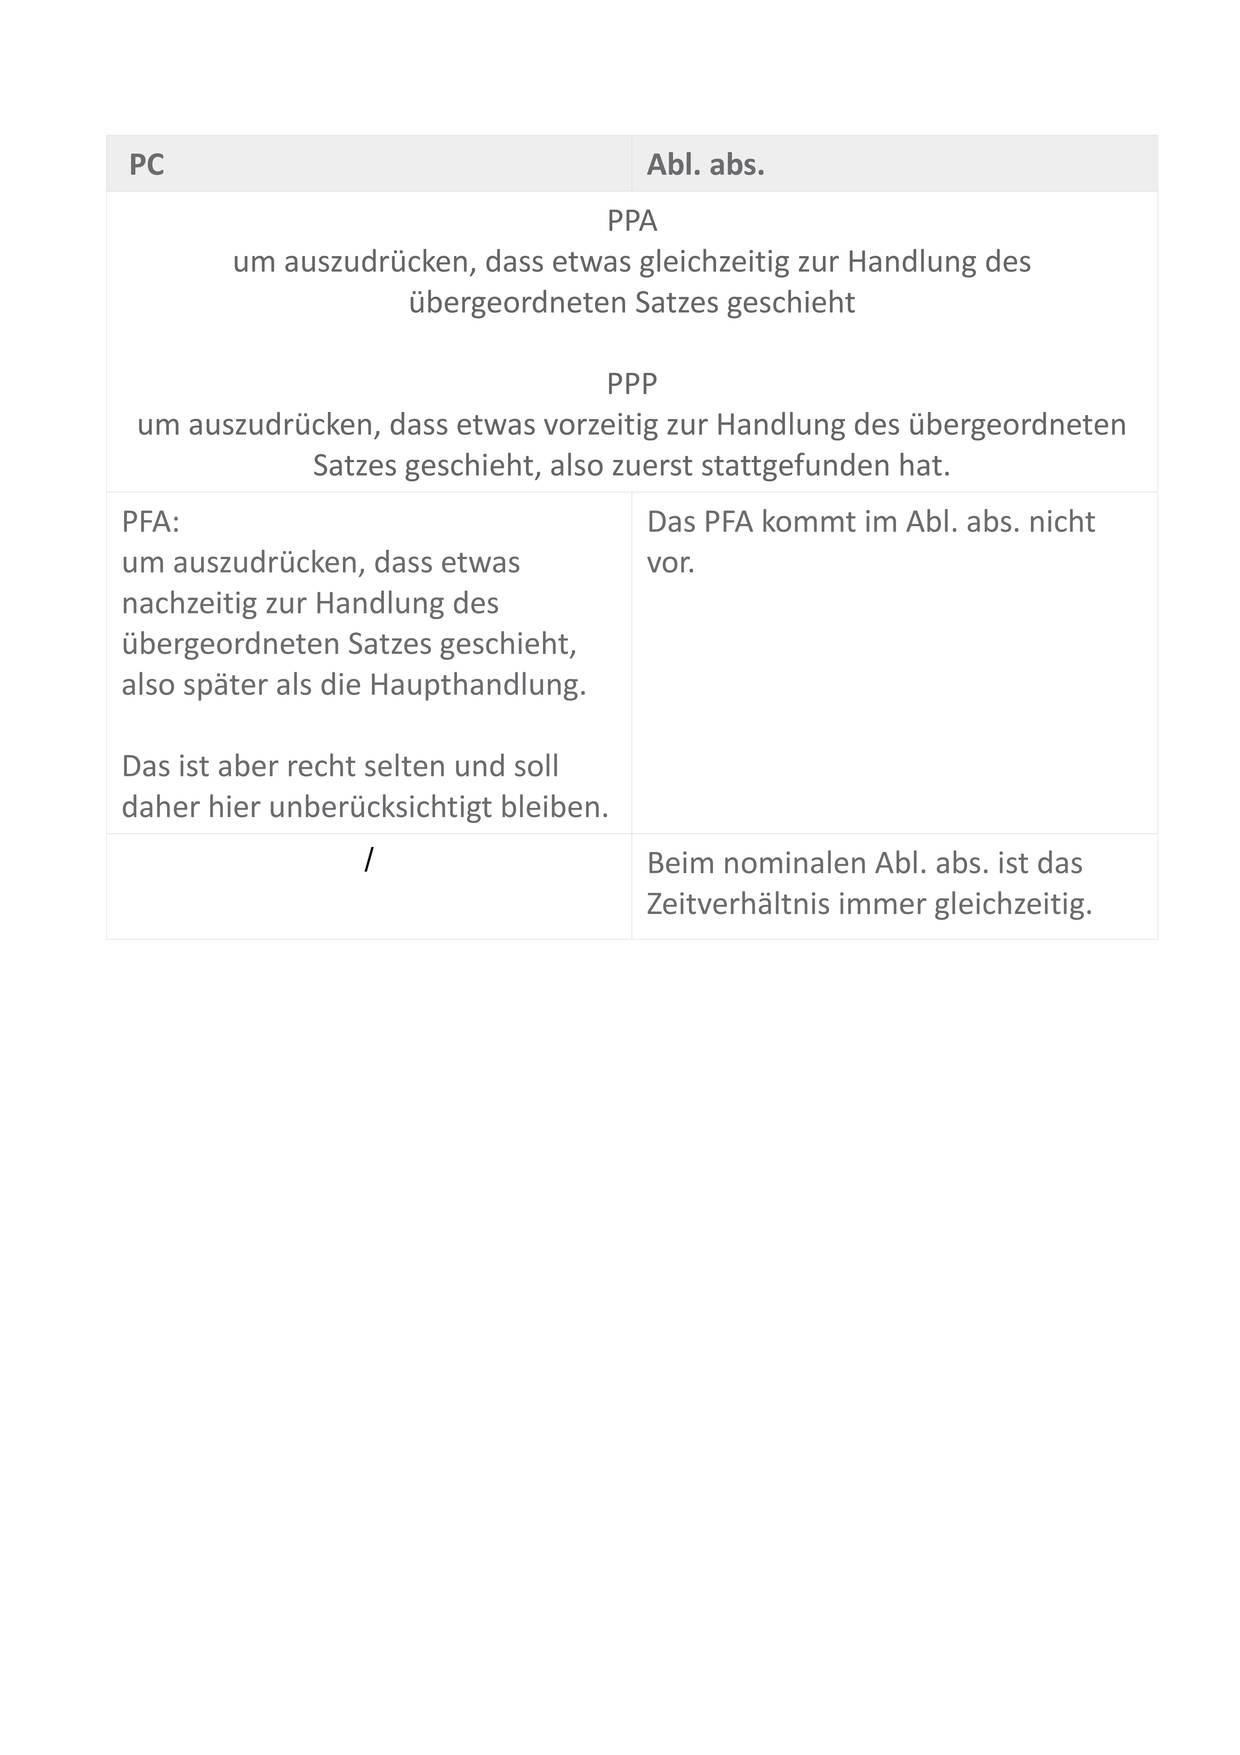 Tabelle_ZEITVERHÄLTNISSE_Abl._abs-PC_Sofatutor.jpg